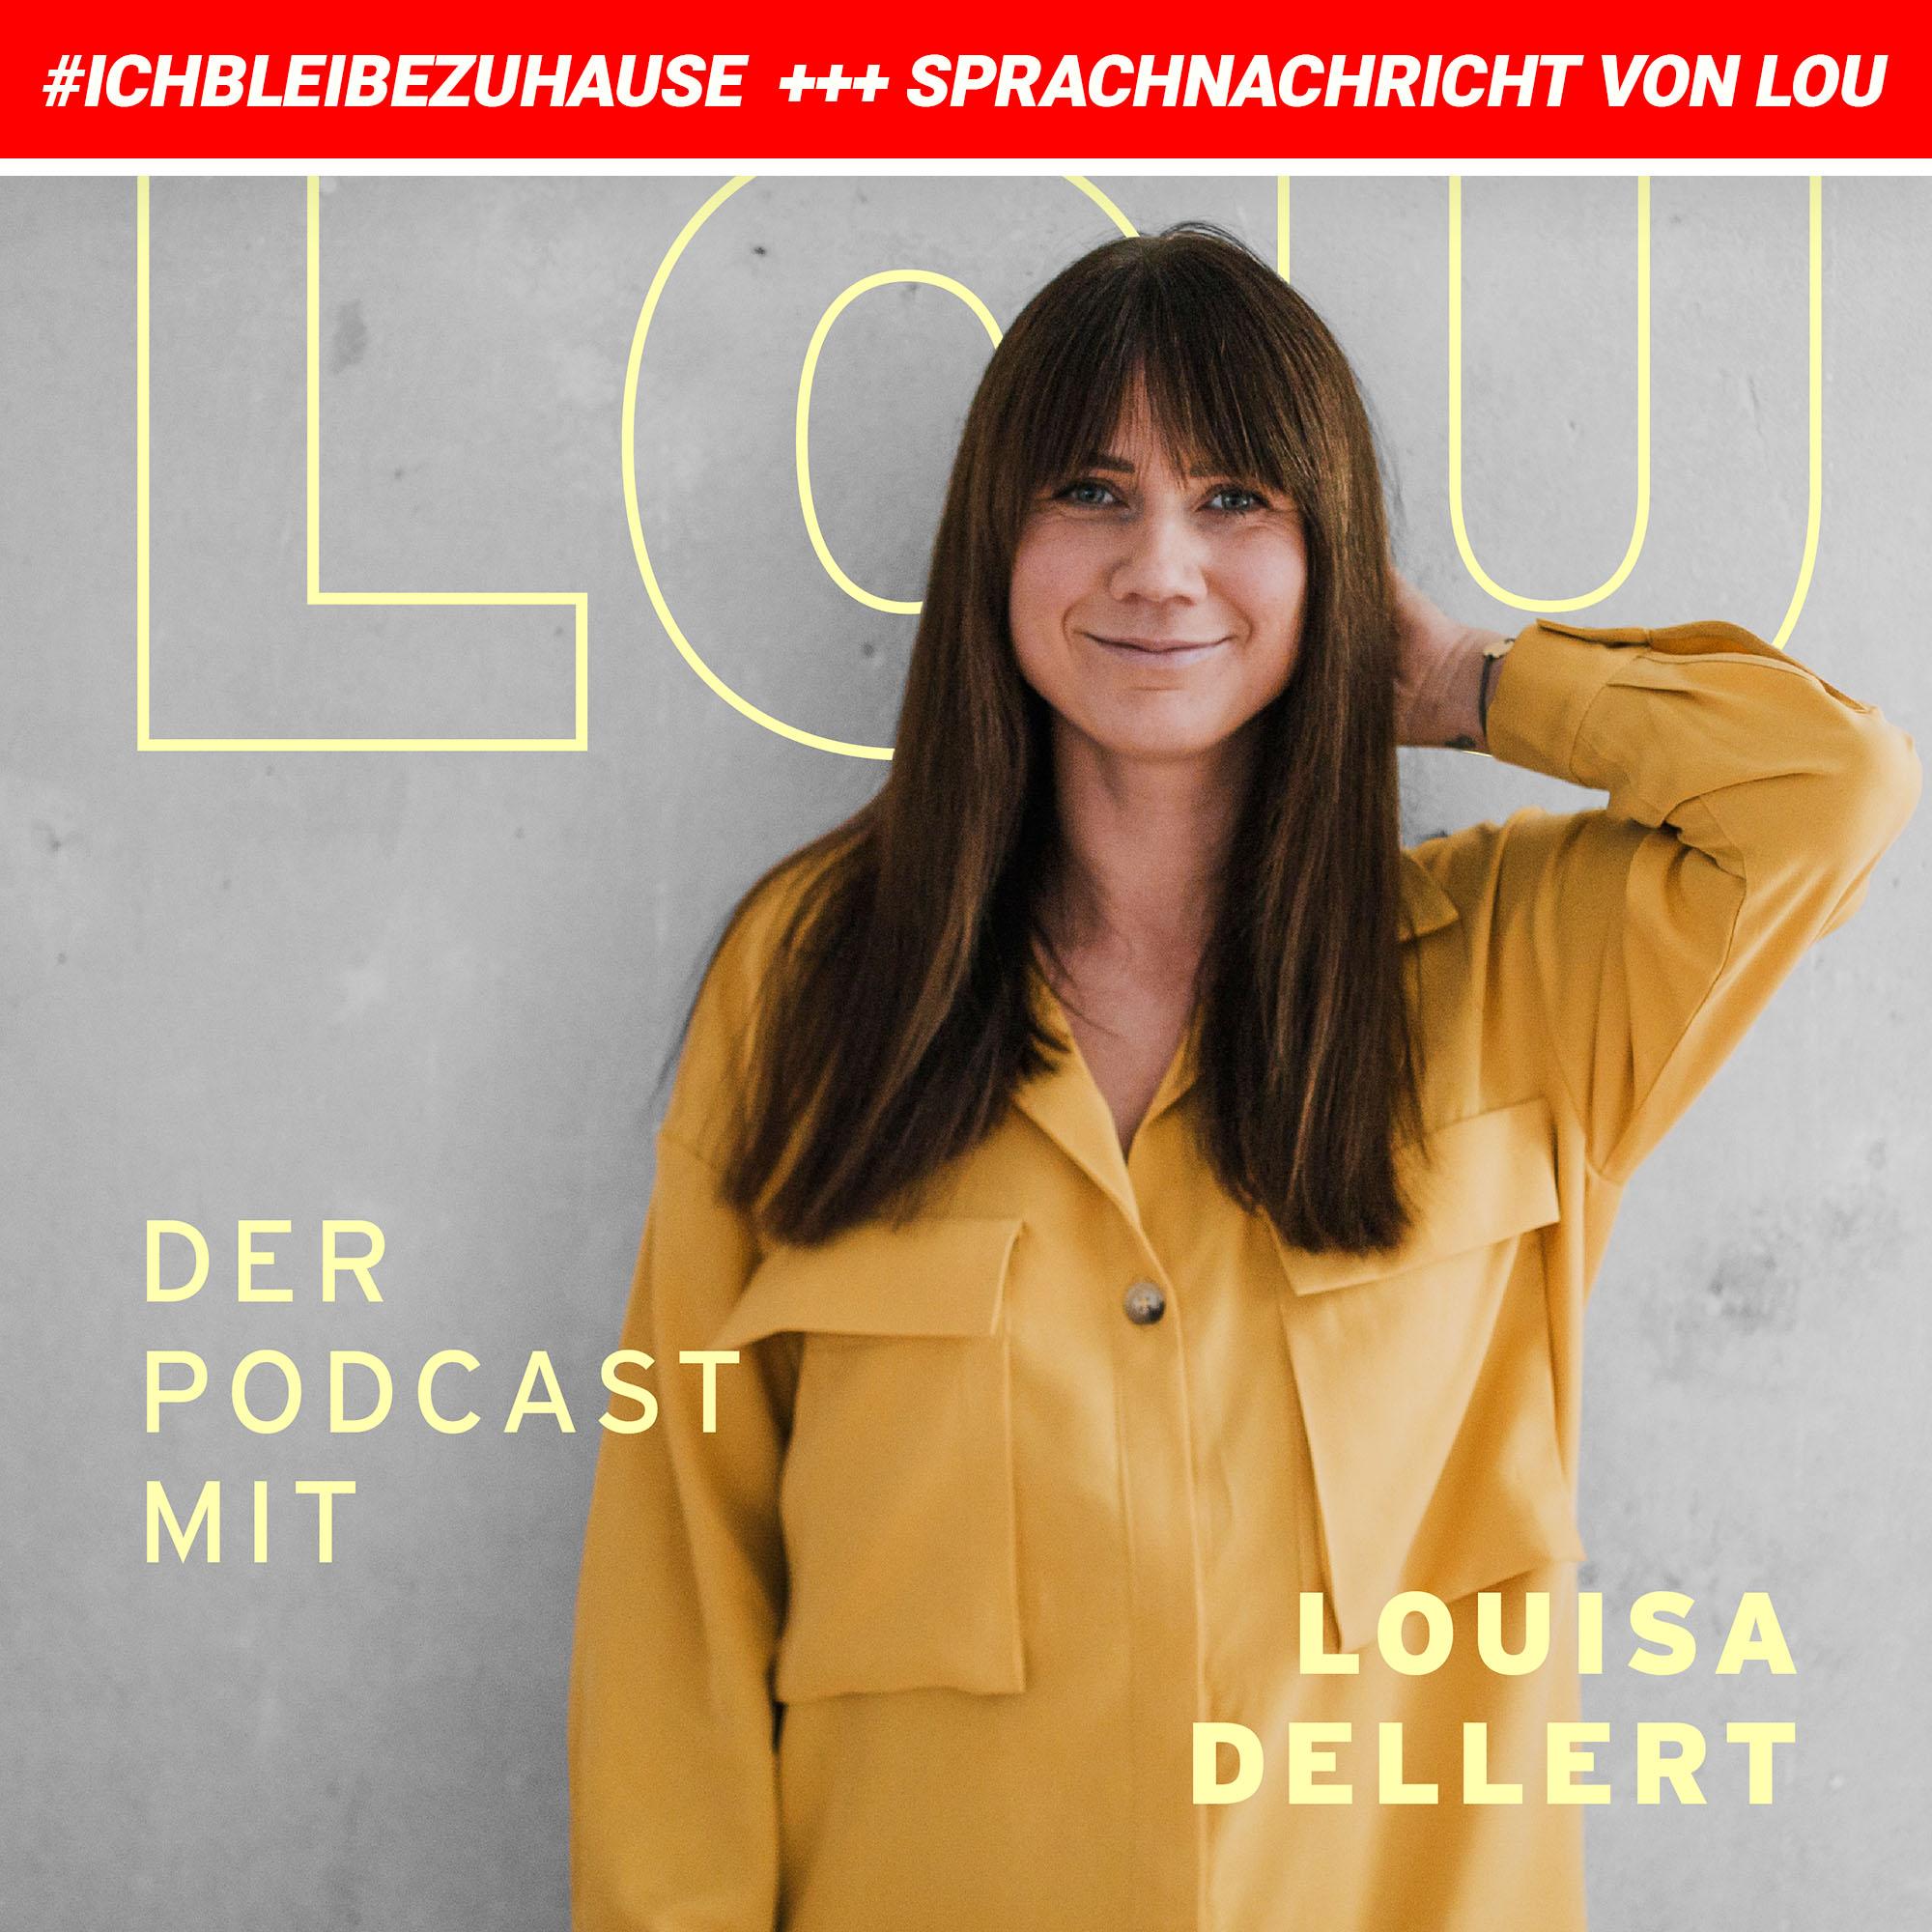 #ichbleibezuhause - Sprachnachricht von Lou Vol. 8